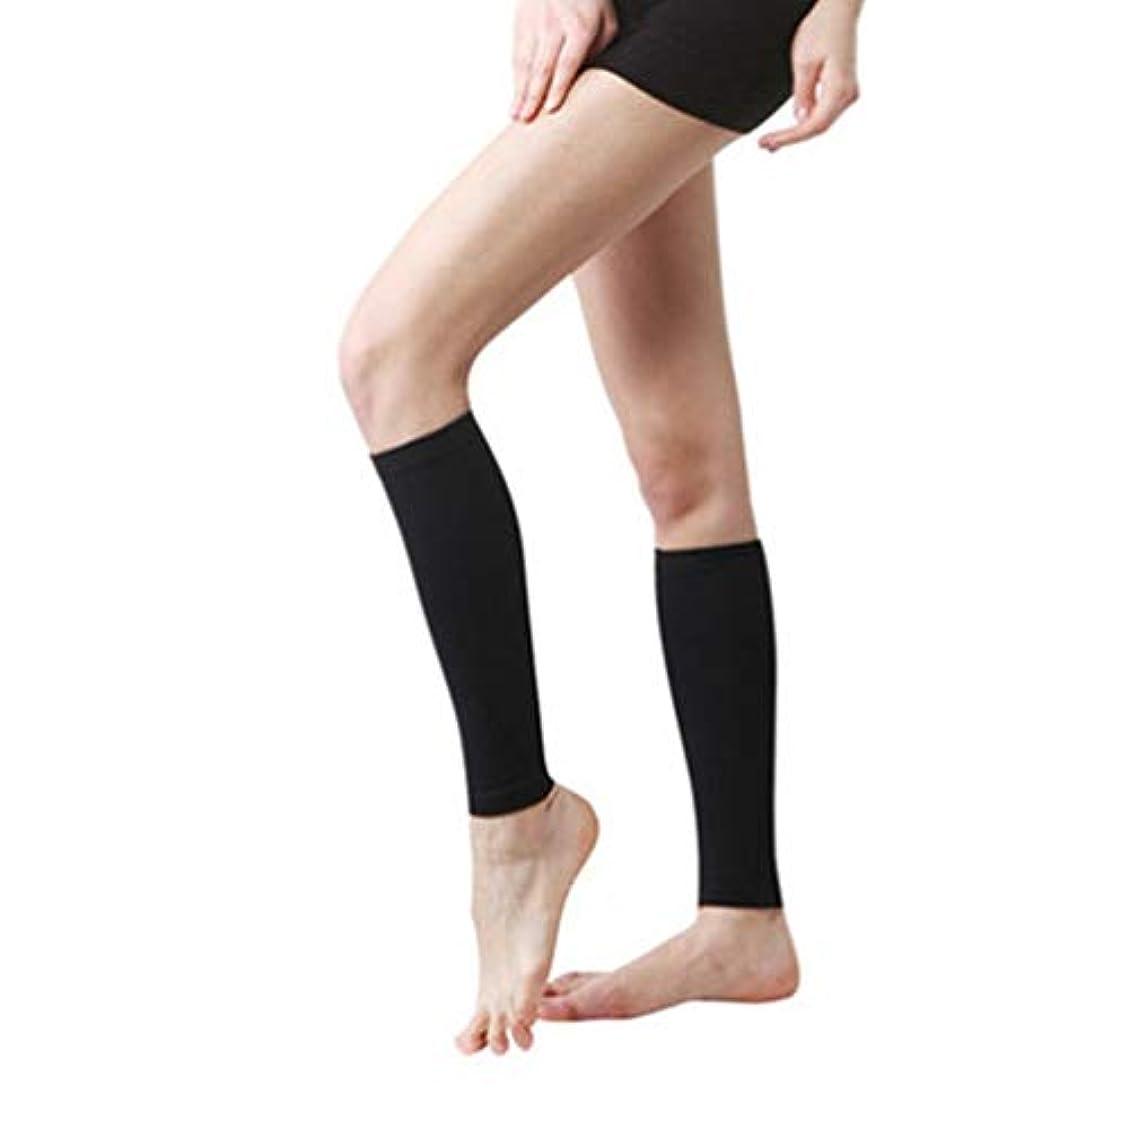 アヒル更新バッジ丈夫な男性女性プロの圧縮靴下通気性のある旅行活動看護師用シンススプリントフライトトラベル - ブラック